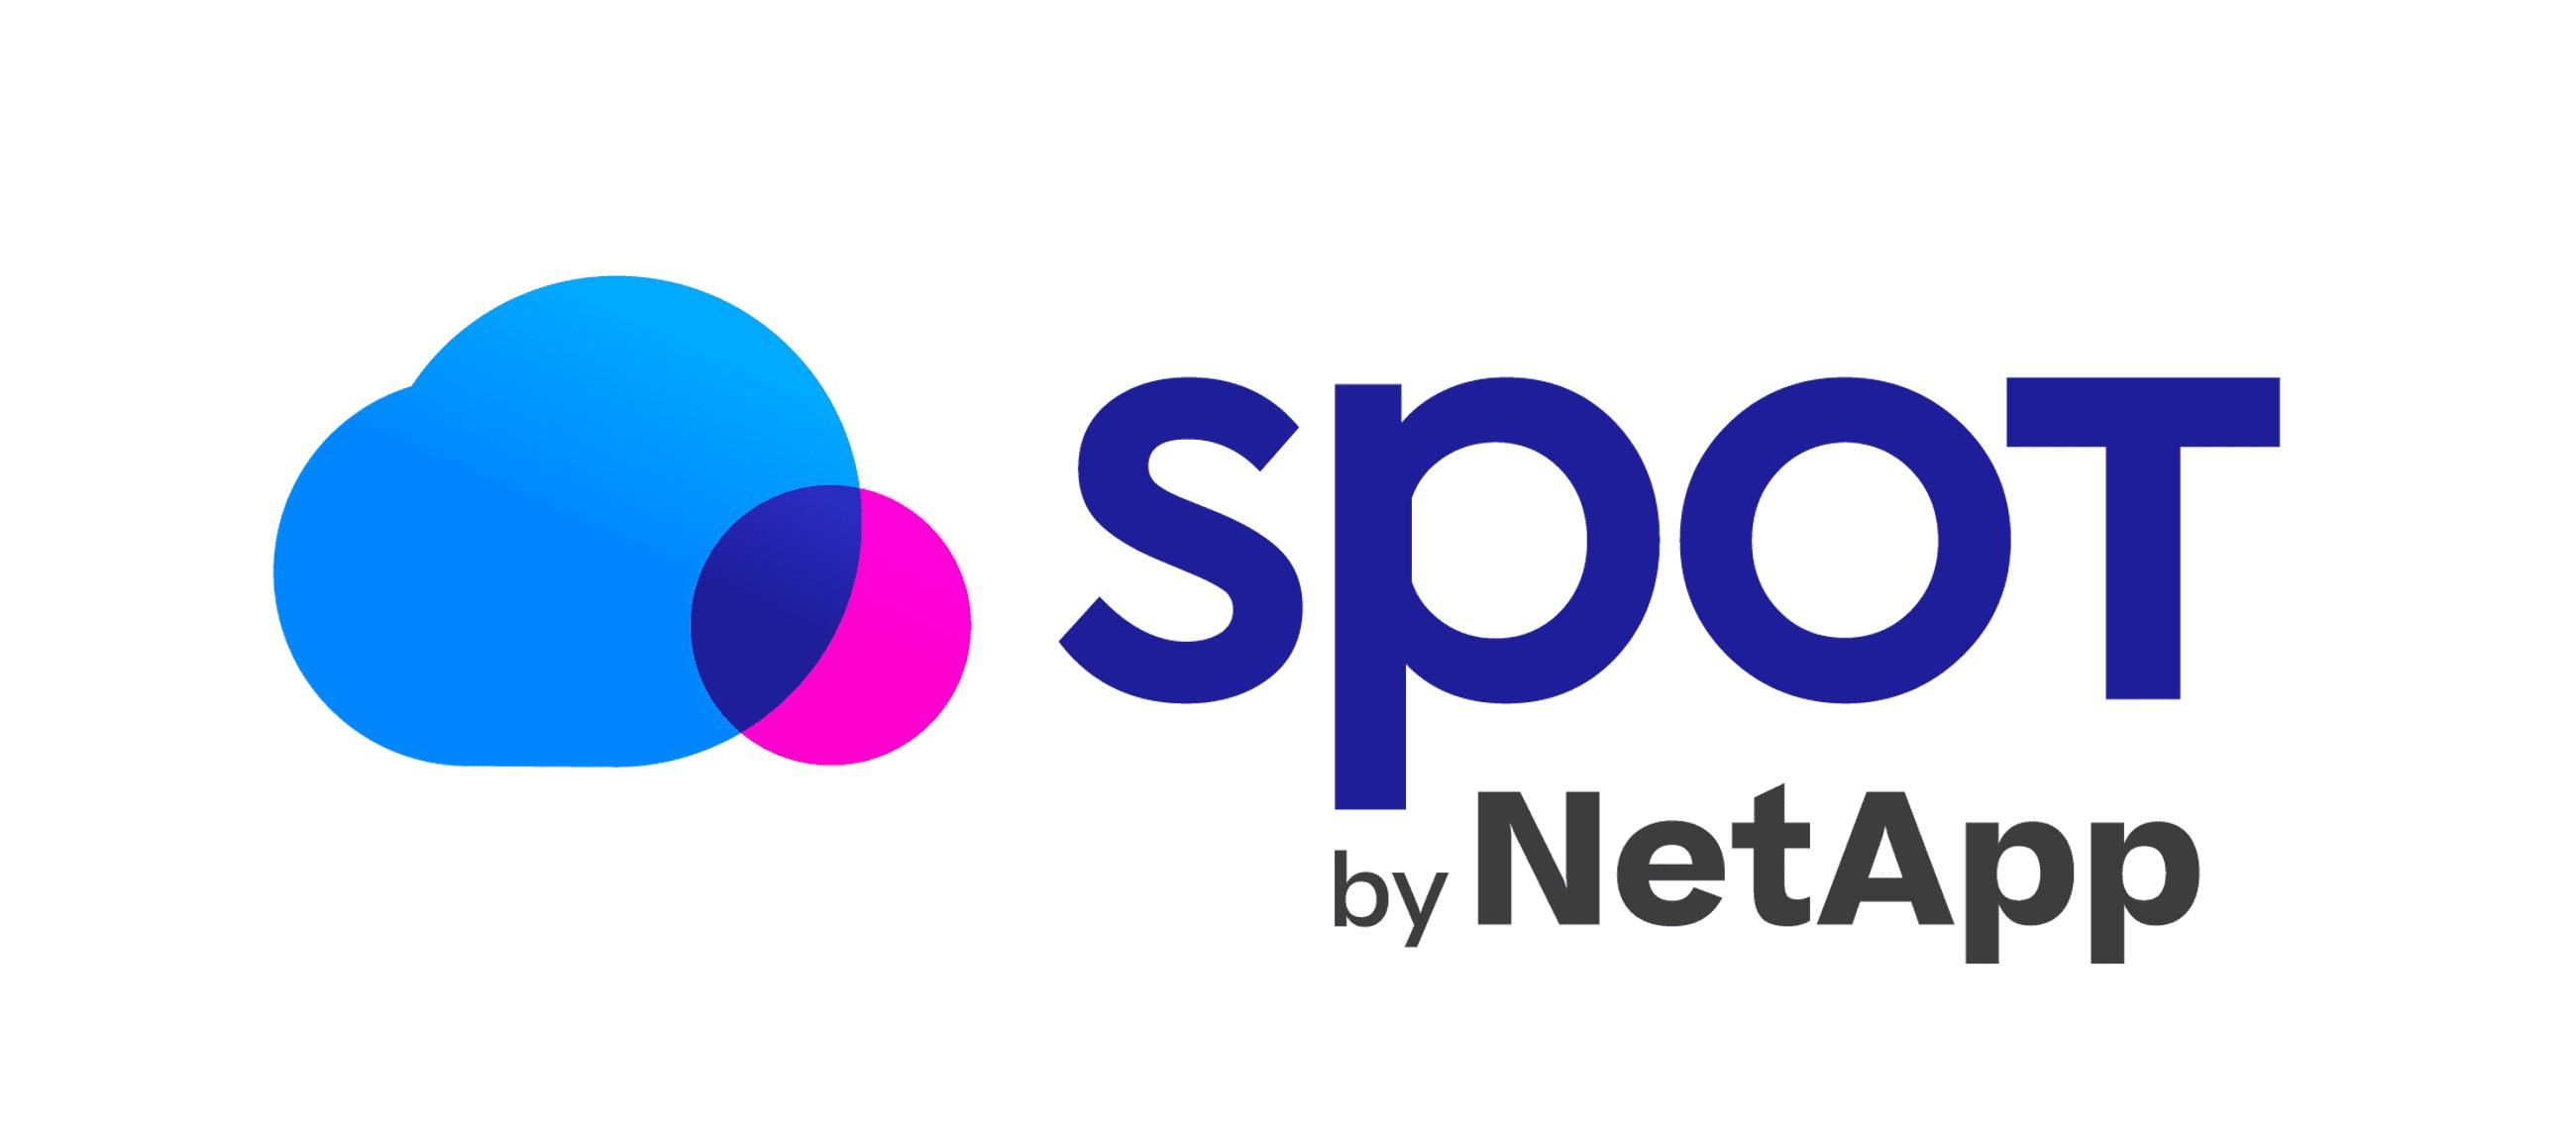 Spot by NetApp